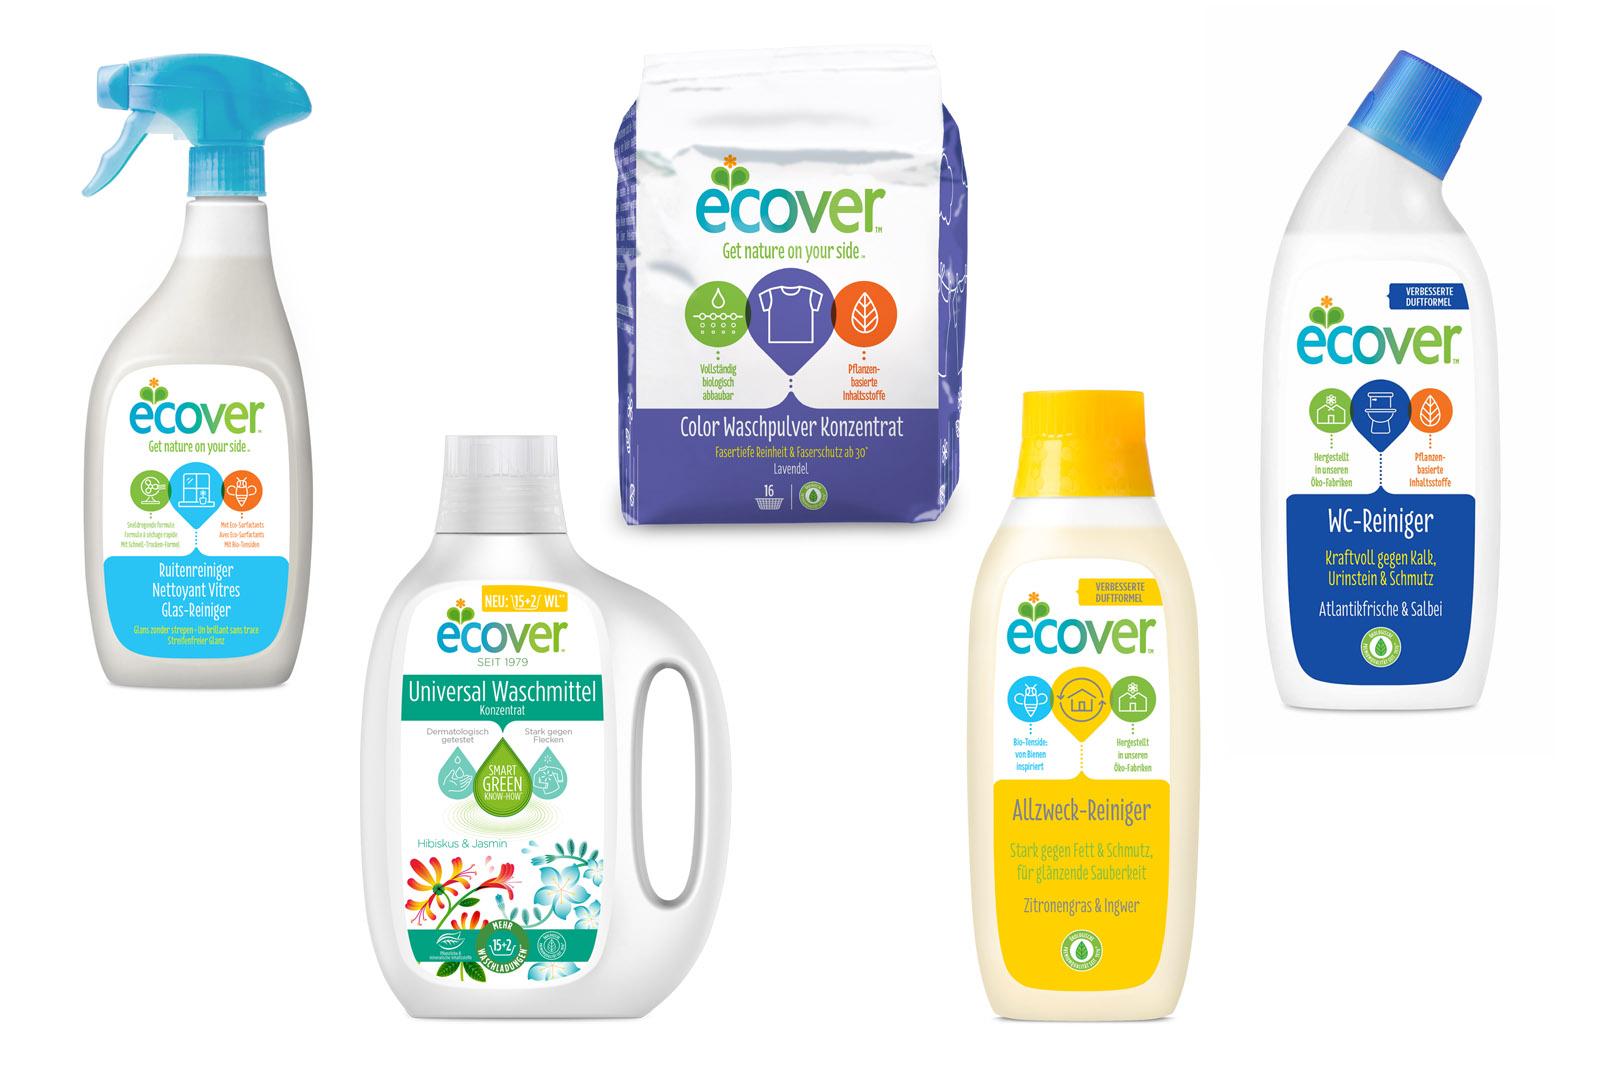 Wasch Und Putzmittel Ohne Tierversuche Die Top 10 Marken